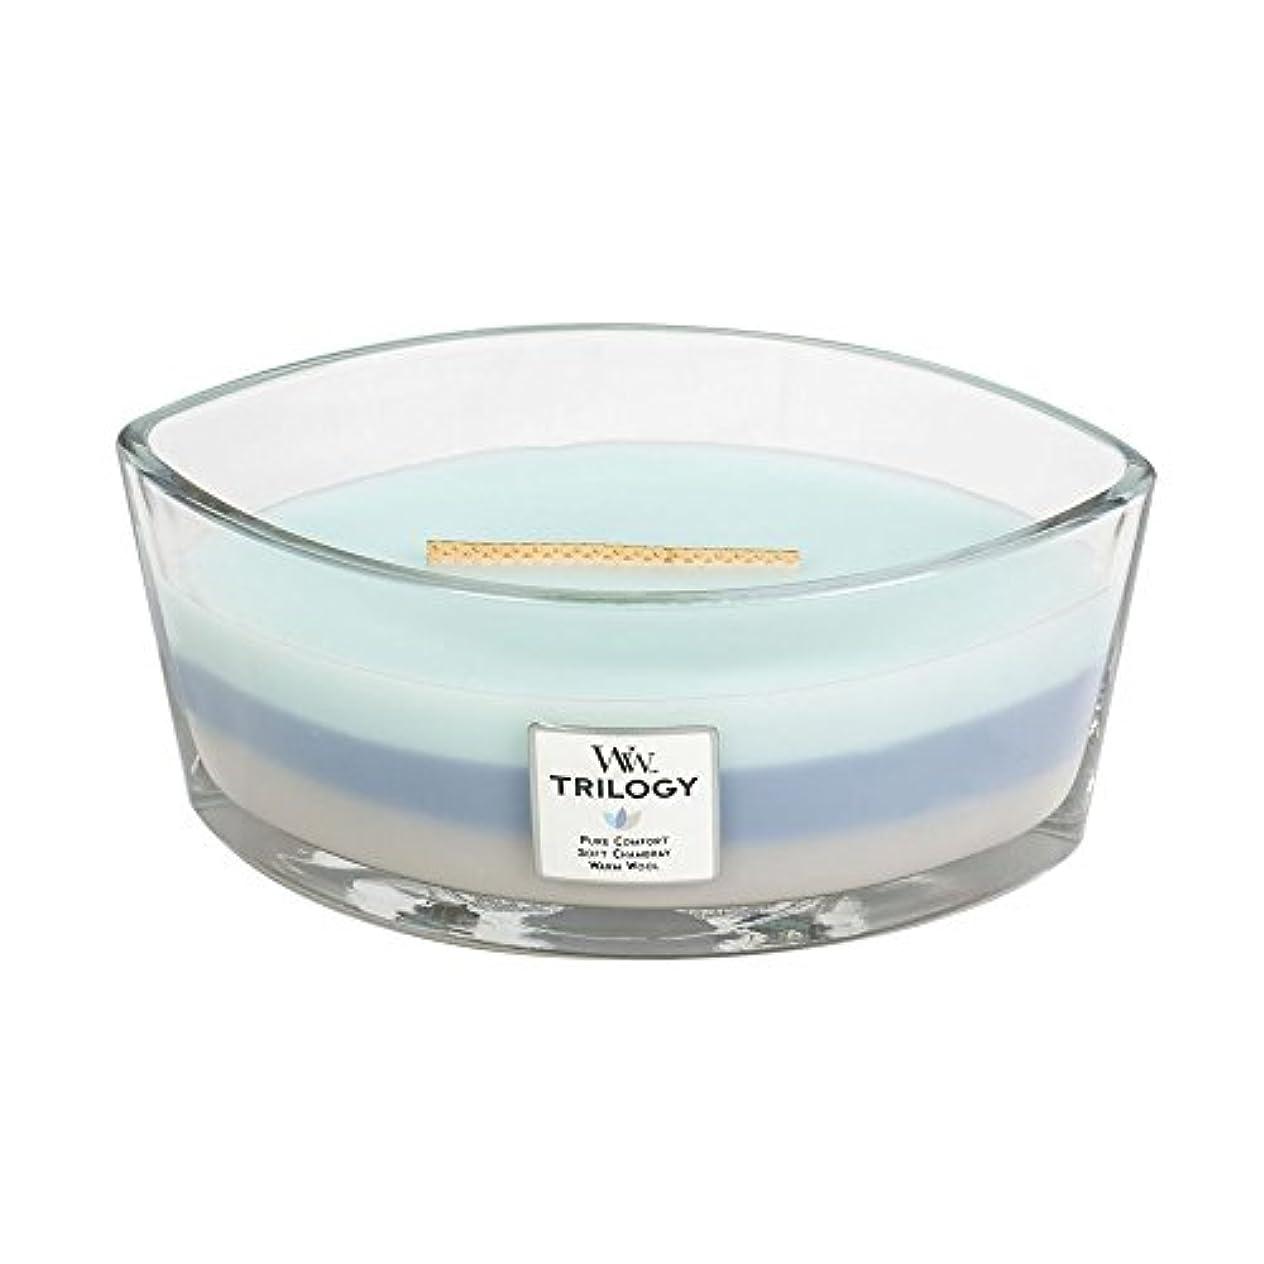 ブロッサム日没軽蔑するWoodWick Trilogy WOVEN COMFORTS, 3-in-1 Highly Scented Candle, Ellipse Glass Jar with Original HearthWick Flame...